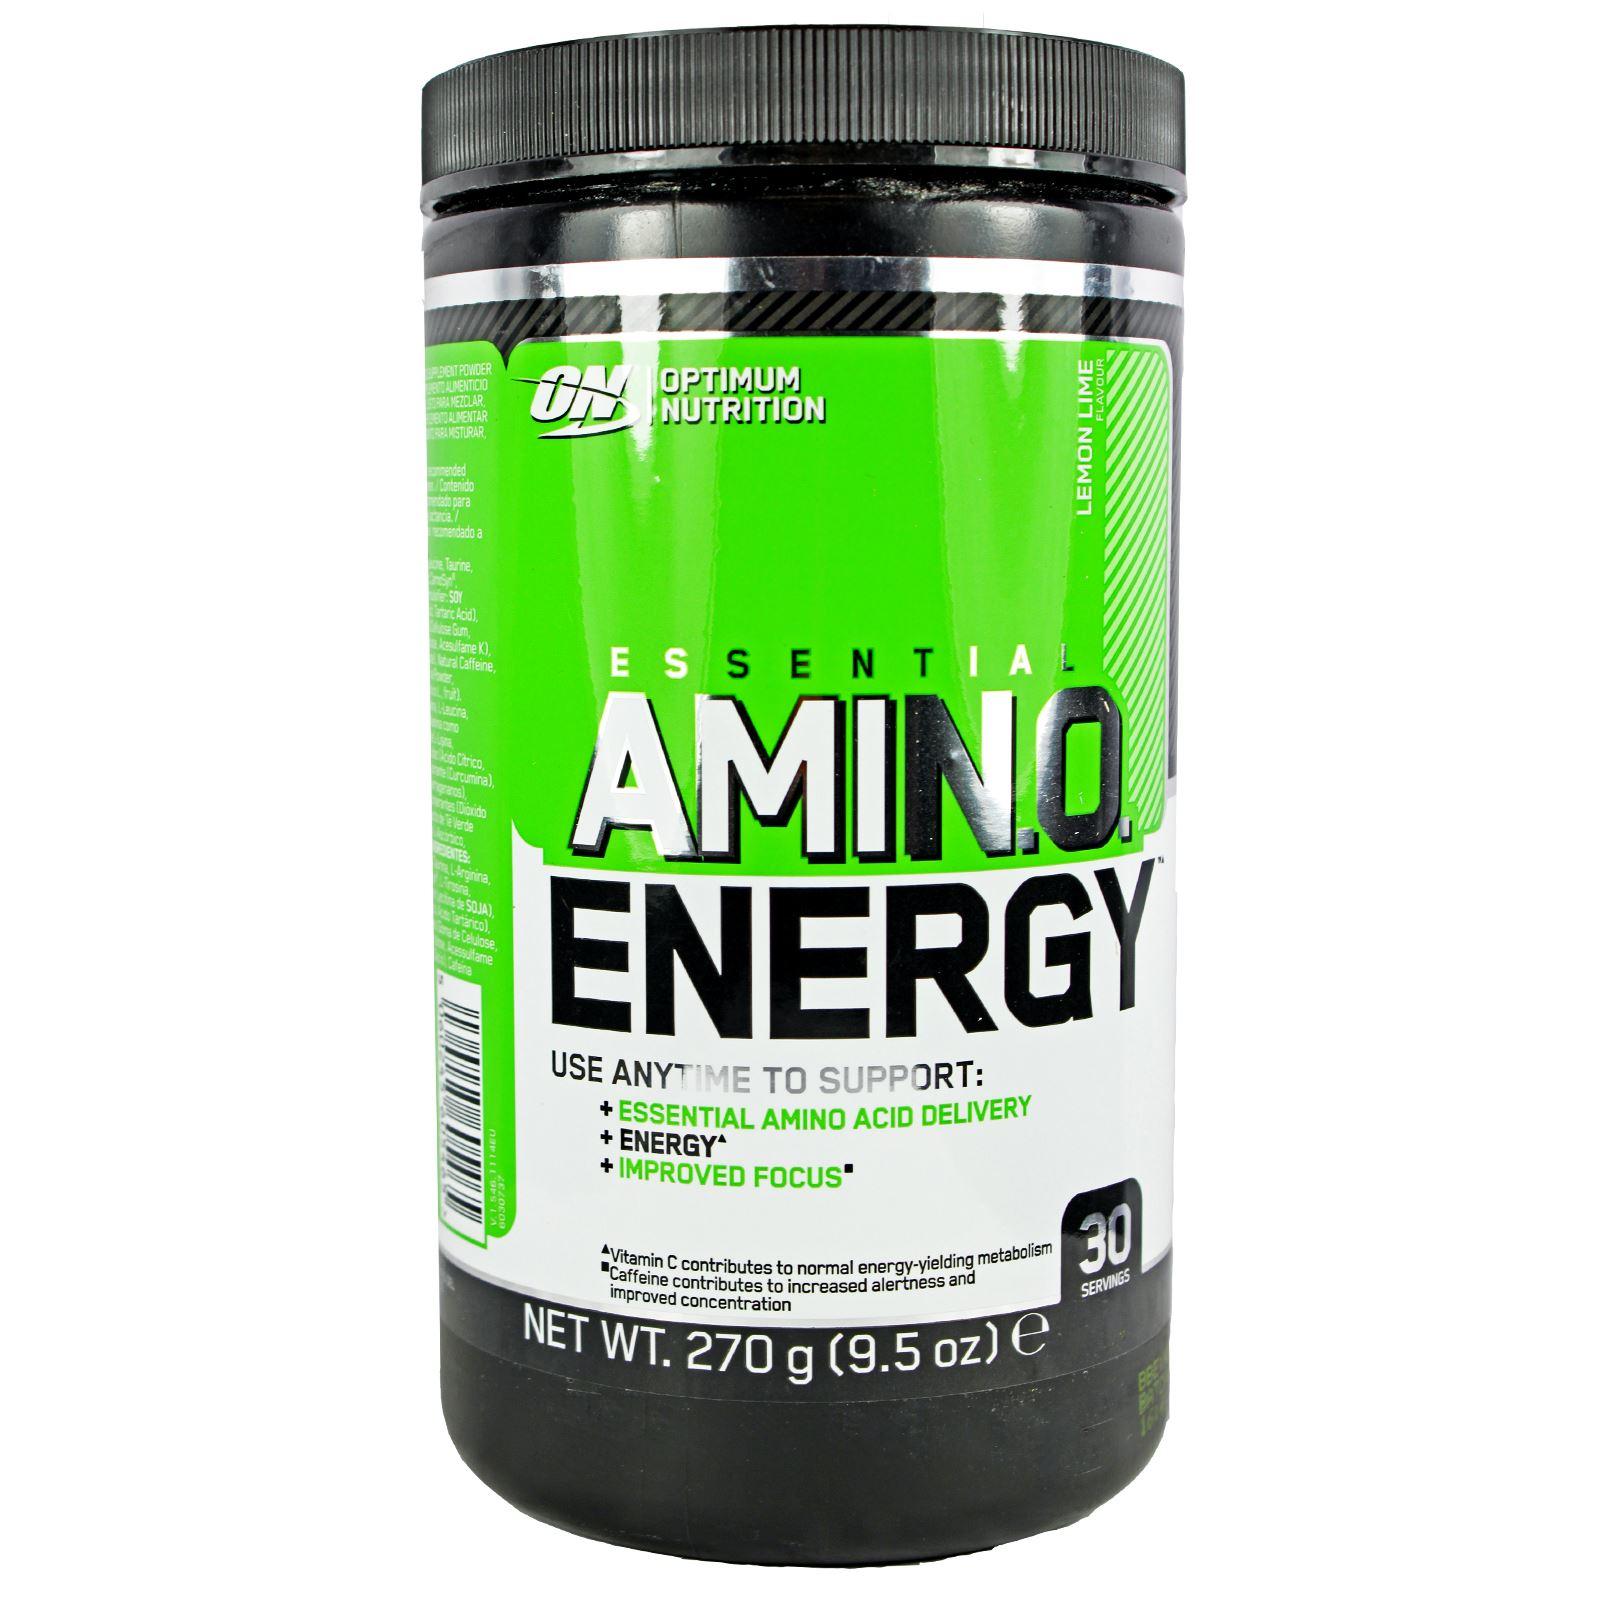 Optimum Nutrition Essential Amino Energy 270g Amino Acid